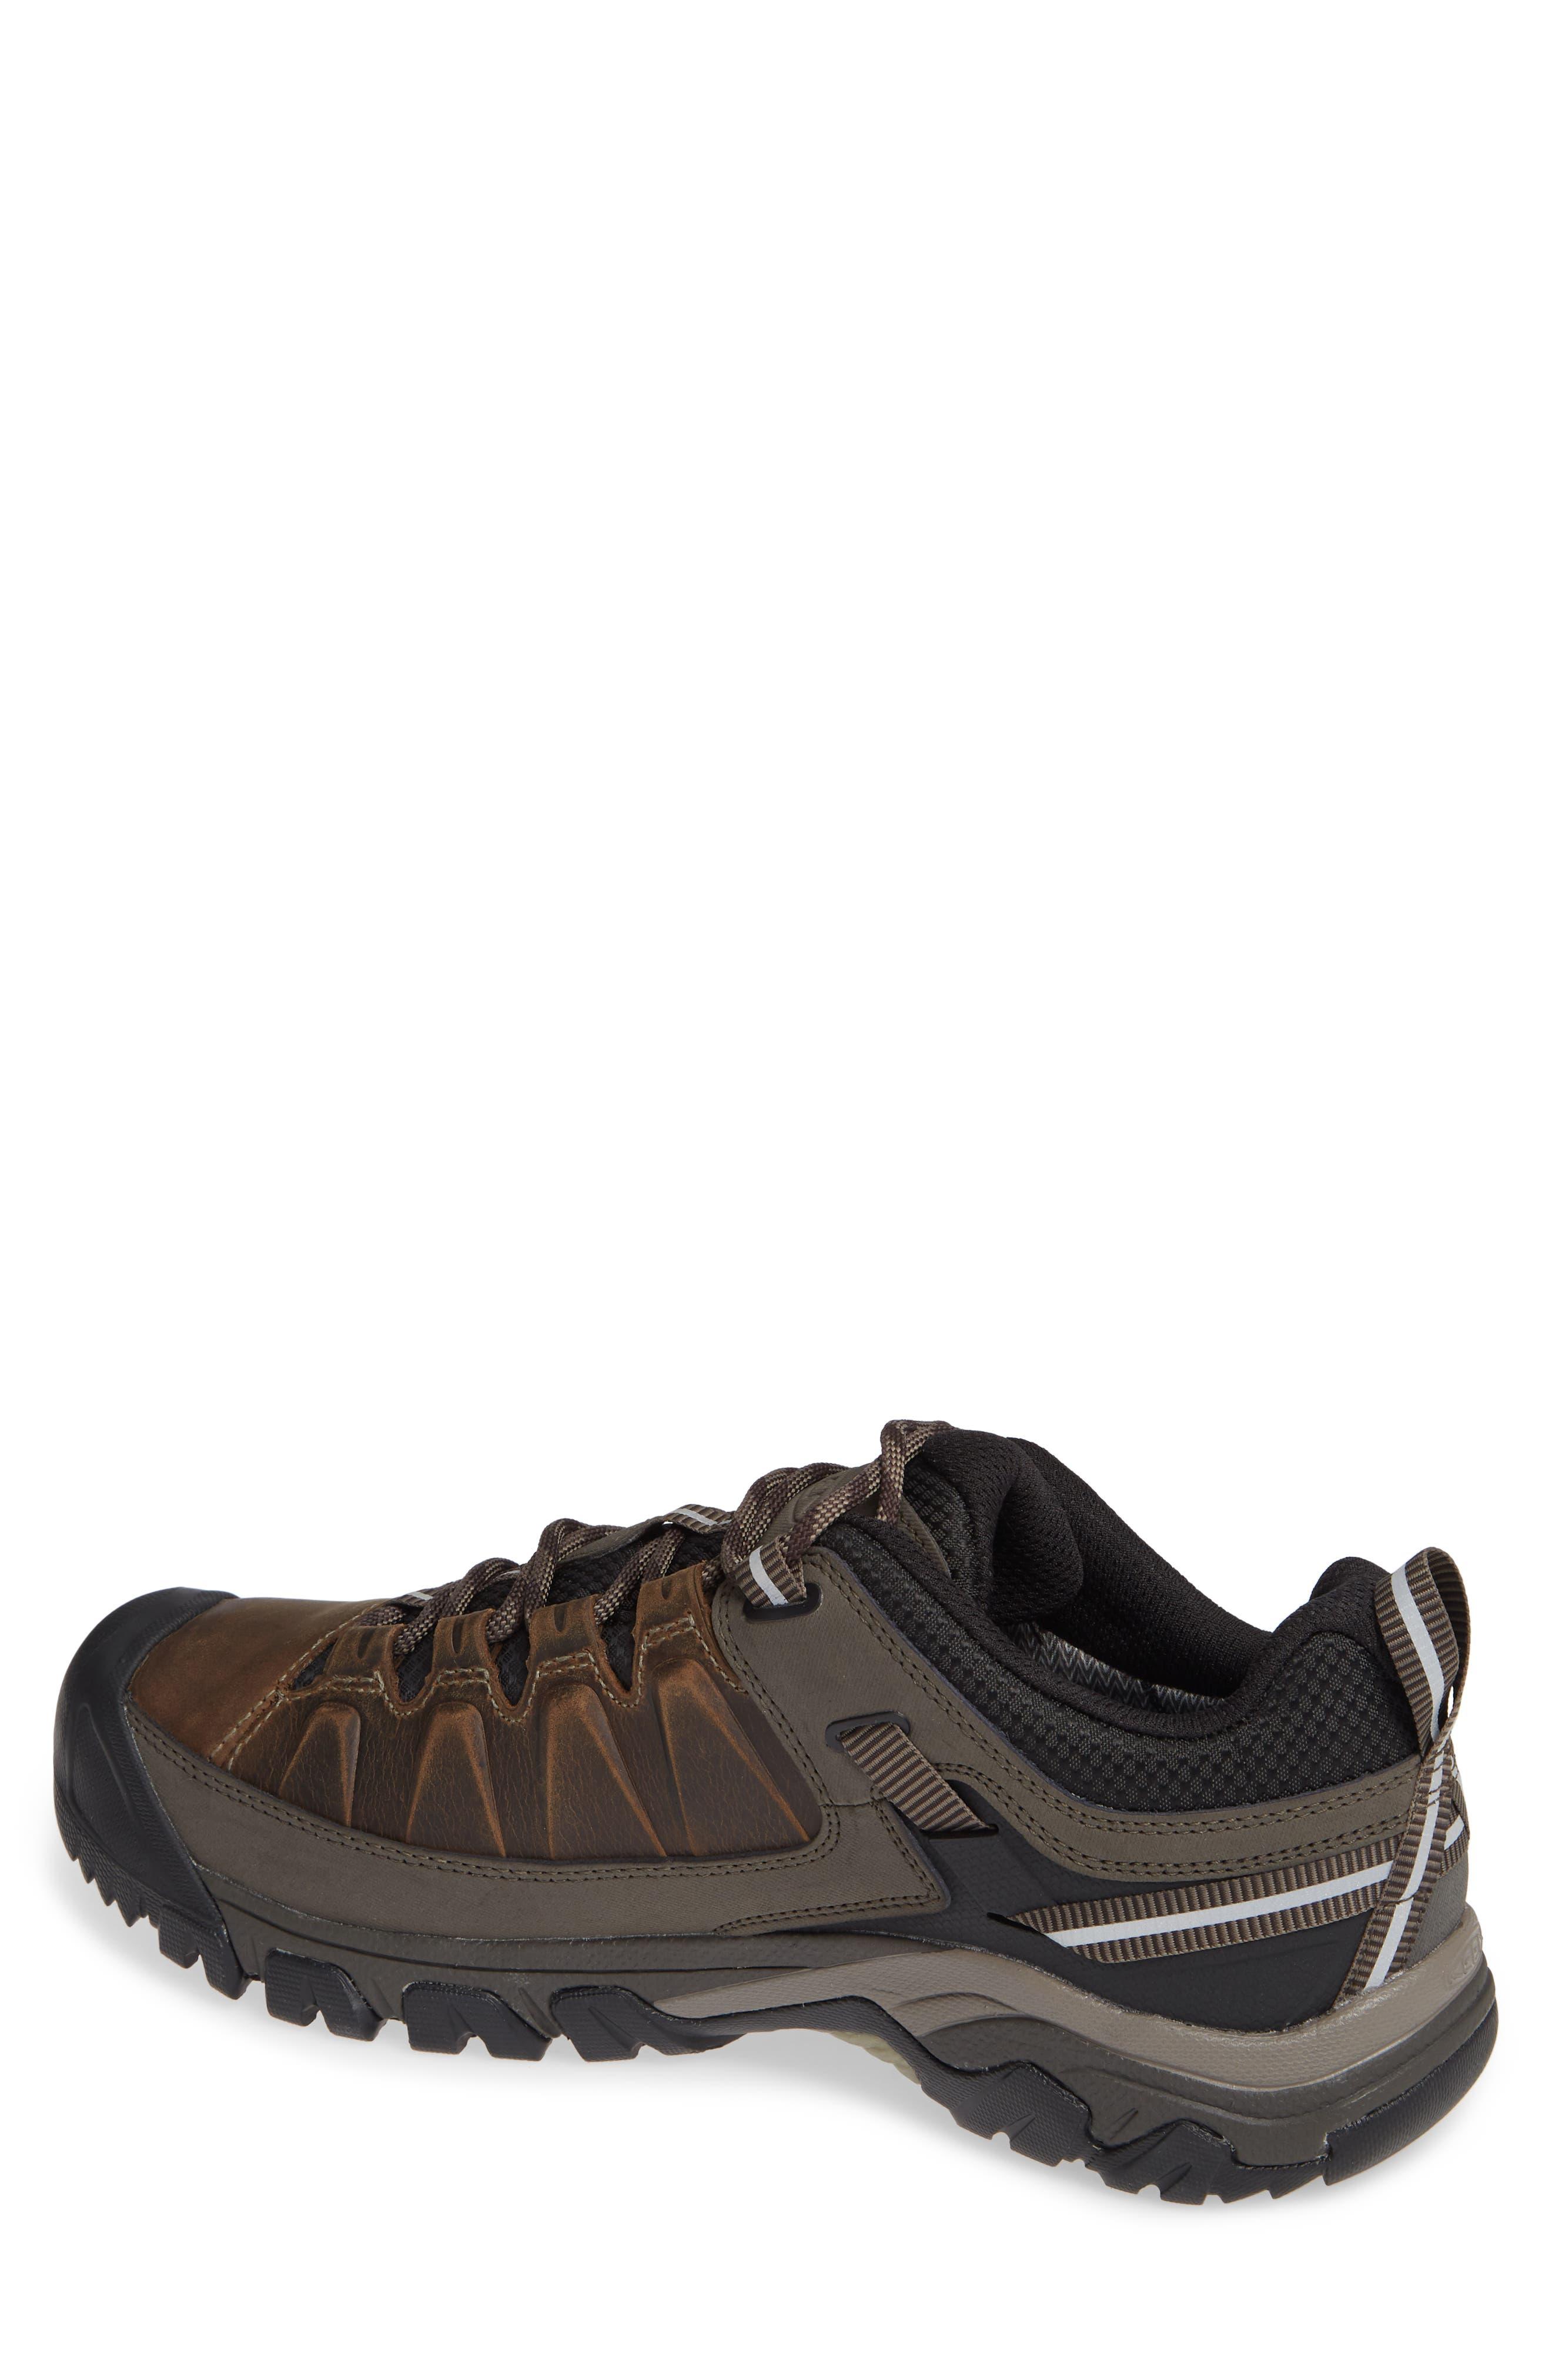 Targhee III Waterproof Wide Hiking Shoe,                             Alternate thumbnail 2, color,                             BUNGEE CORD/ BLACK